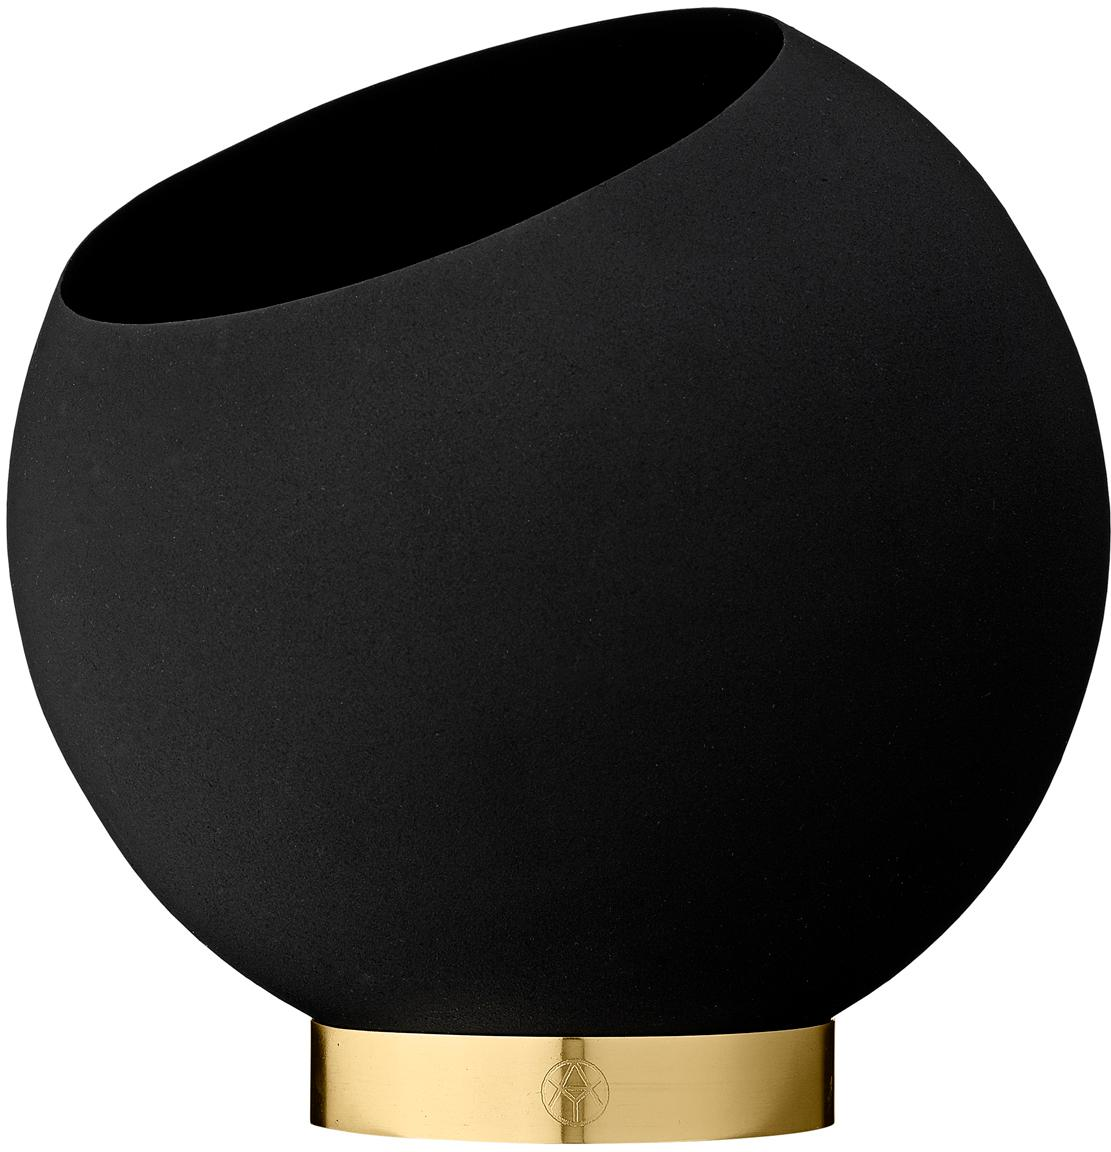 Grosser Übertopf Globe aus Metall, Übertopf: Metall, pulverbeschichtet, Schwarz, Ø 21 x H 19 cm